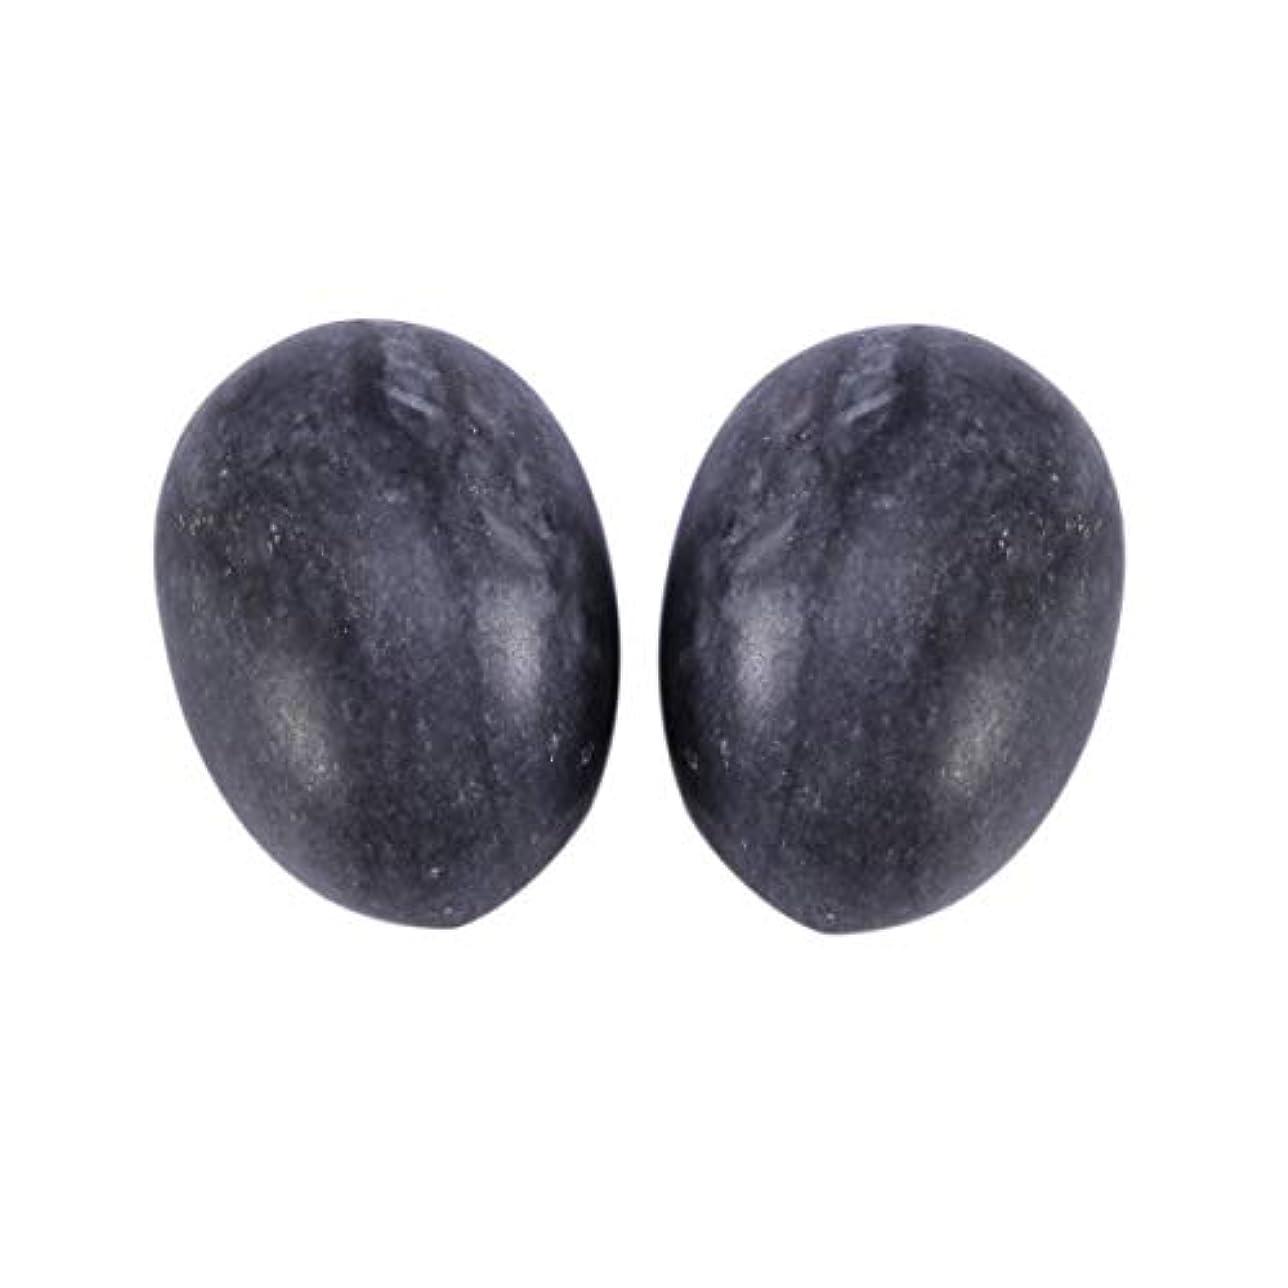 早熟民主主義誇りに思うHealifty 6PCS翡翠Yoni卵マッサージ癒しの石のケゲル運動骨盤底筋運動(黒)